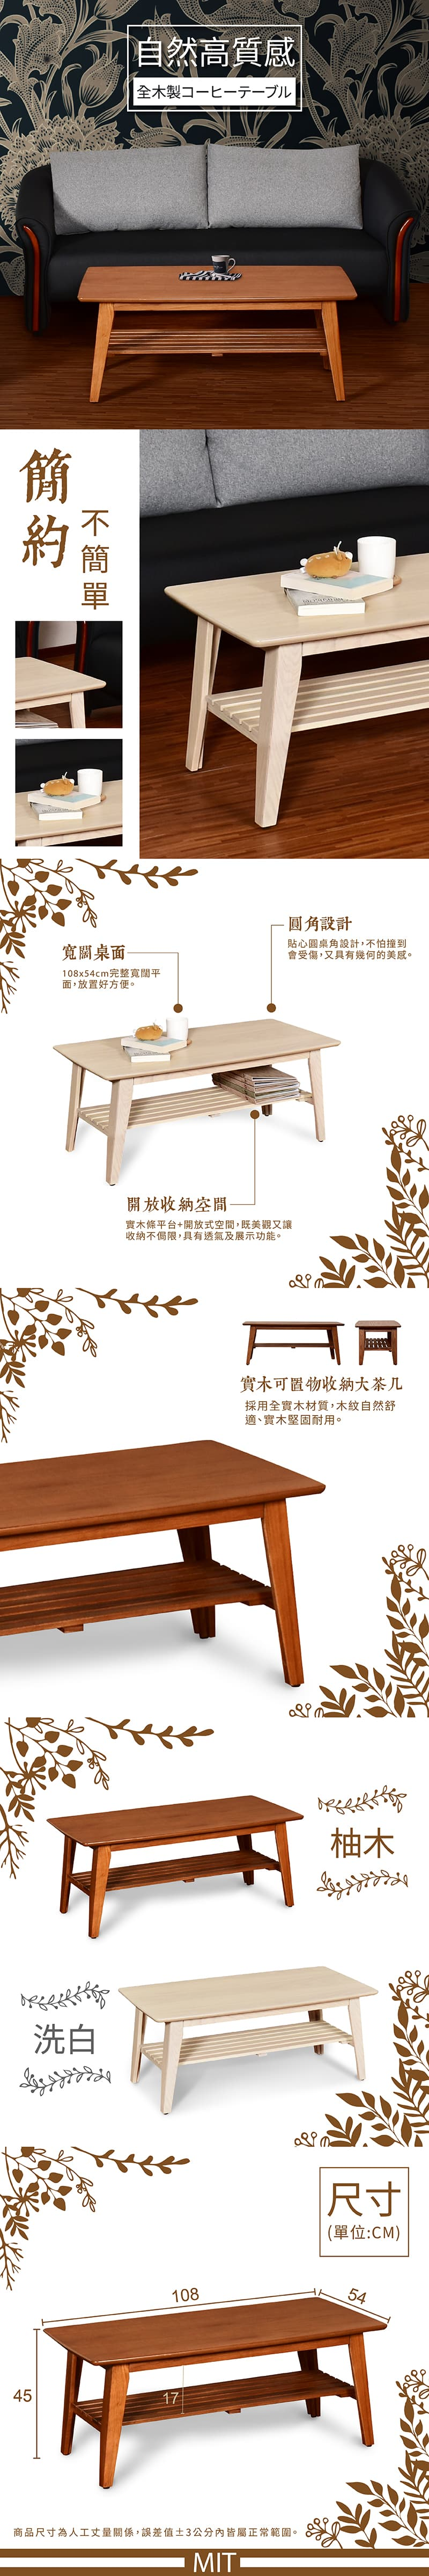 實木置物收納現代時尚簡約茶几【米夏】